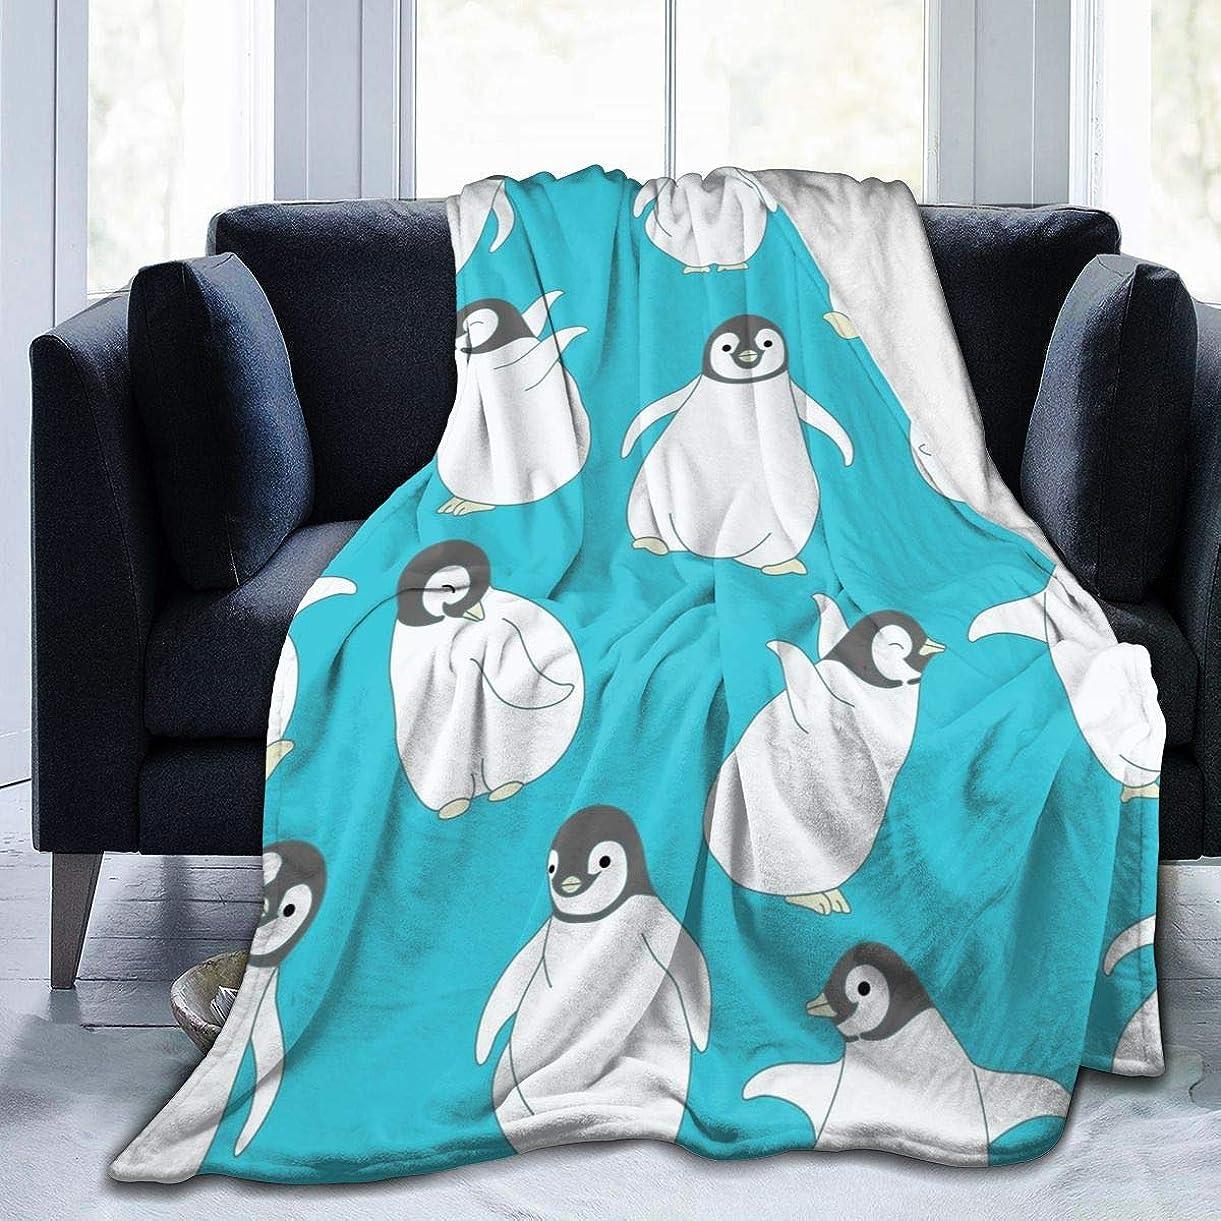 岩オールかける可愛い ペンギン 毛布 掛け毛布 ブランケット シングル 暖かい柔らかい ふわふわ フランネル 毛布 三つのサイズ